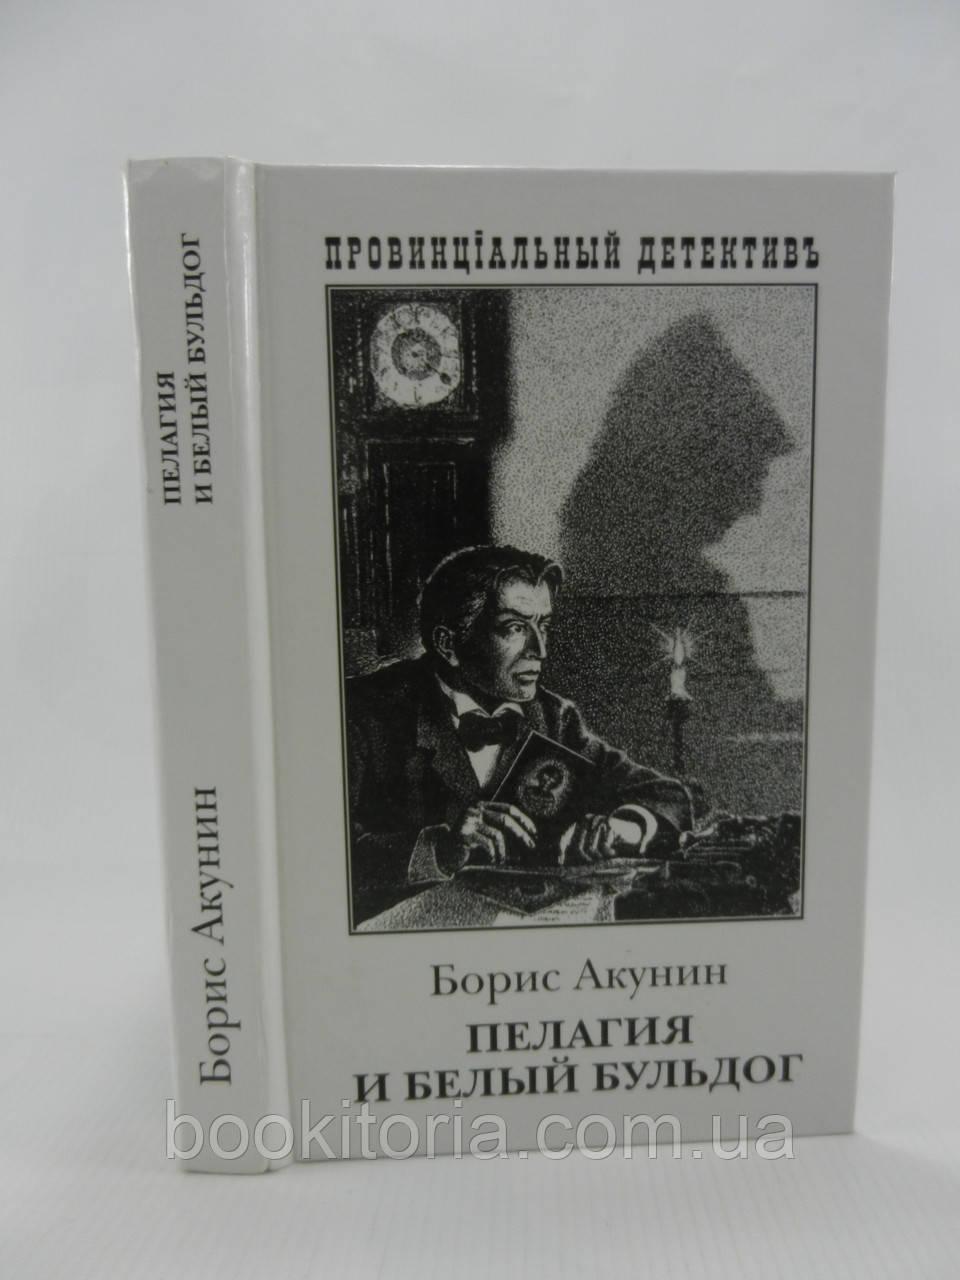 Акунин Б. Пелагия и белый бульдог (тв., б/у).